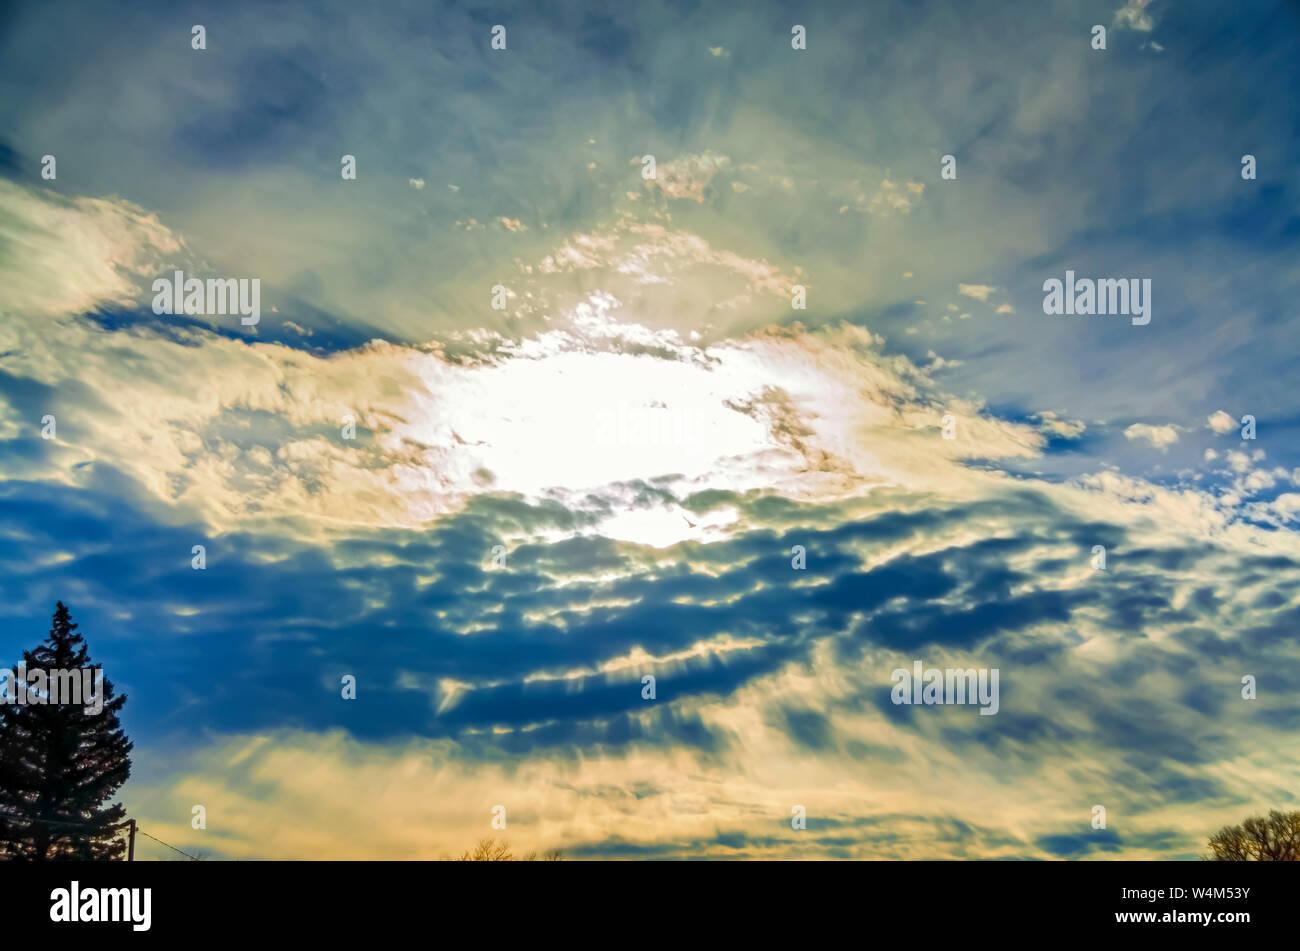 La Canción Y Danza Entre El Sol Y Las Nubes Para Crear Un Espectacular Cielo Nocturno Fotografía De Stock Alamy